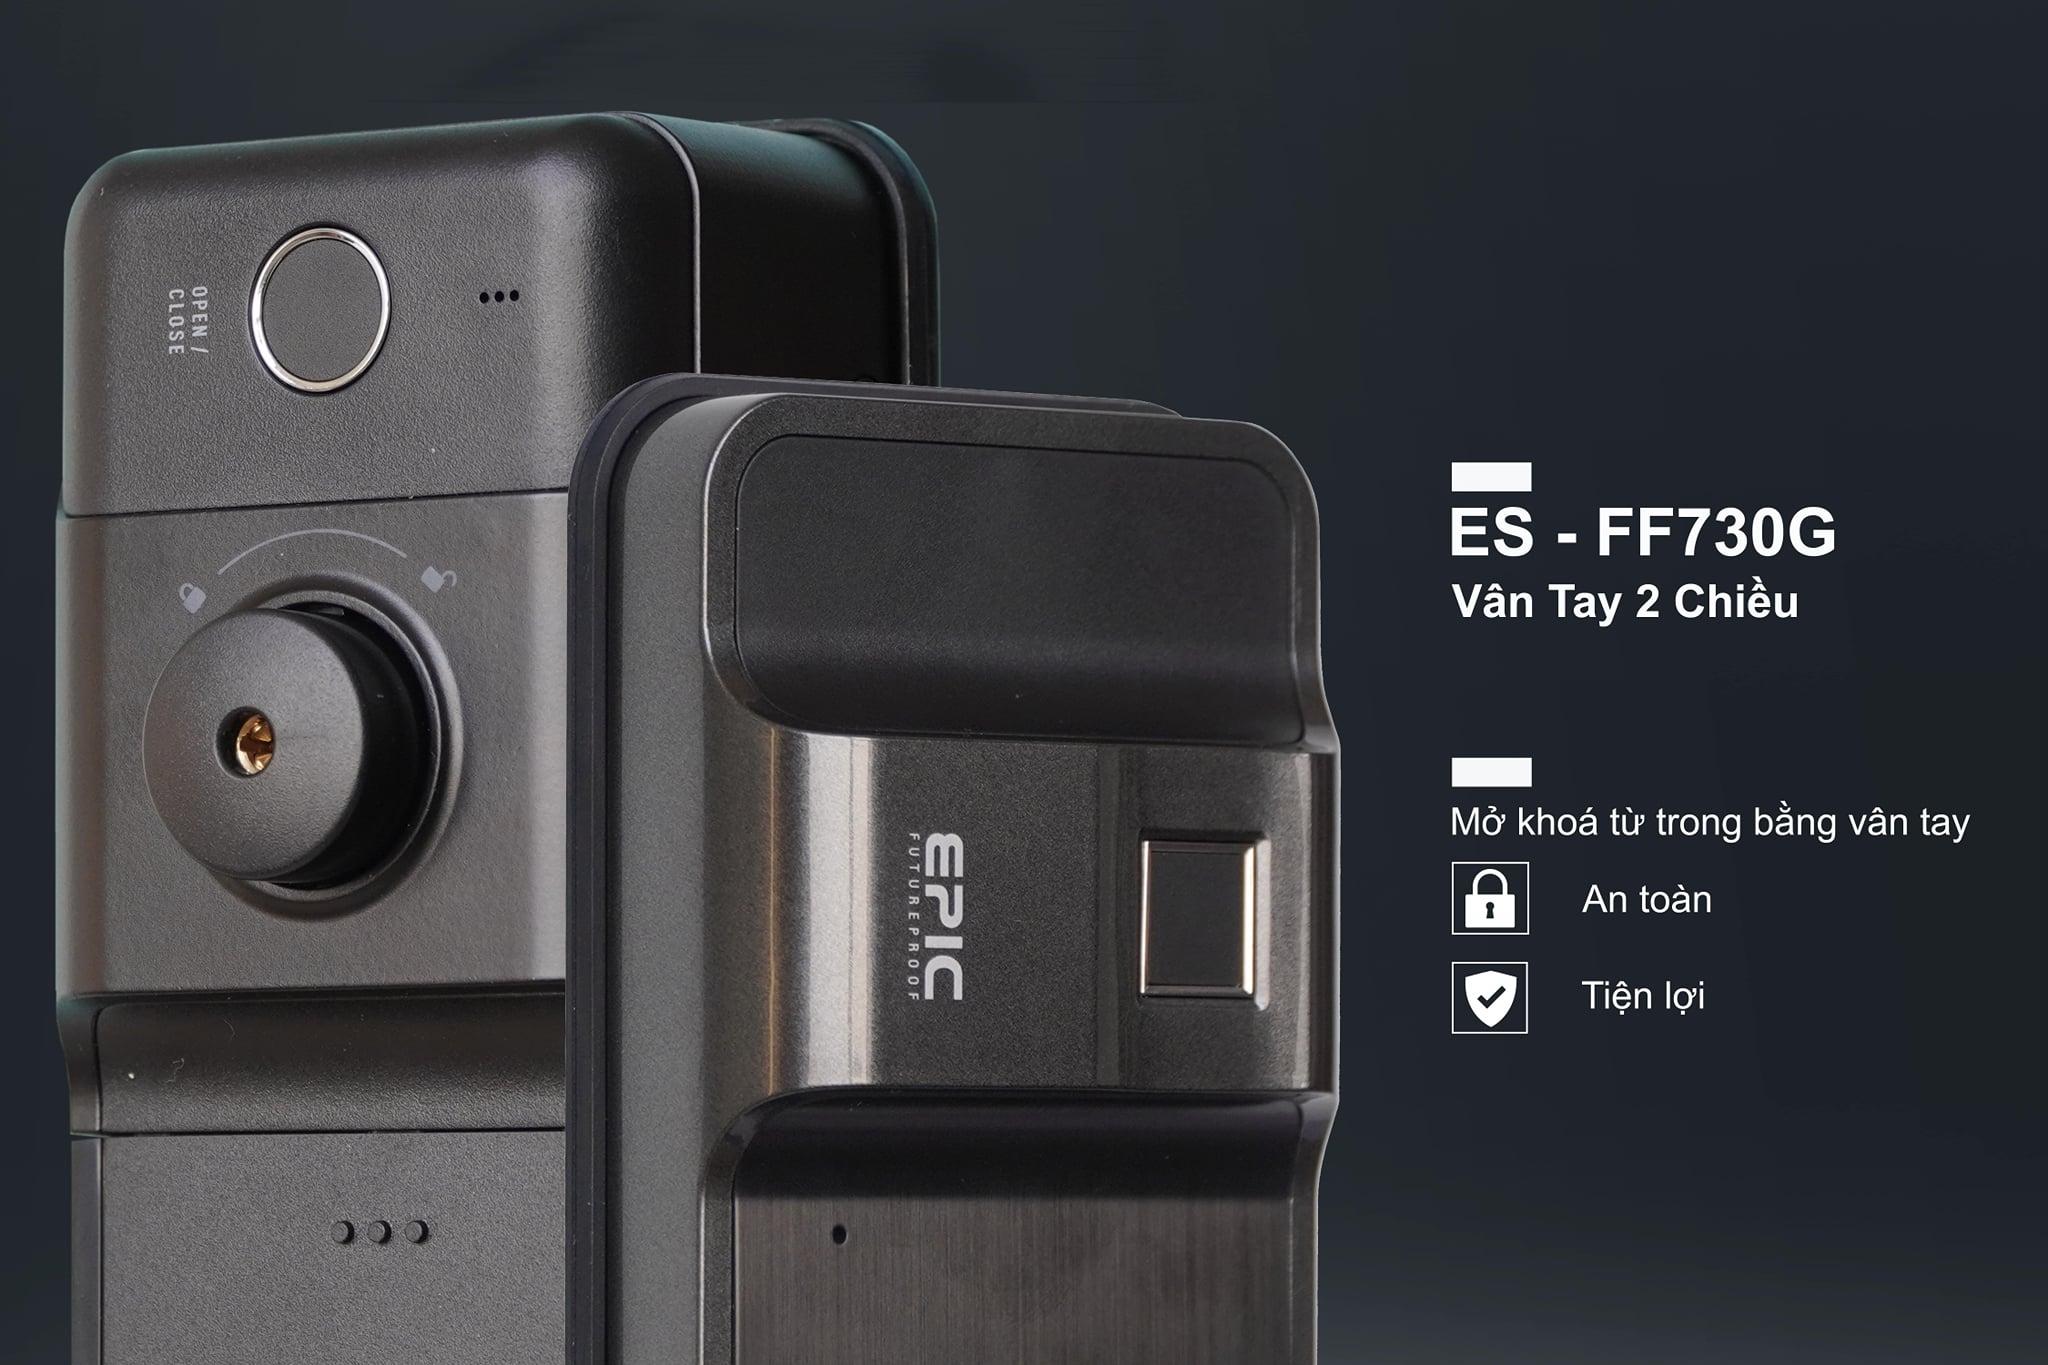 khoa-cua-van-tay-epic-es-ff730g